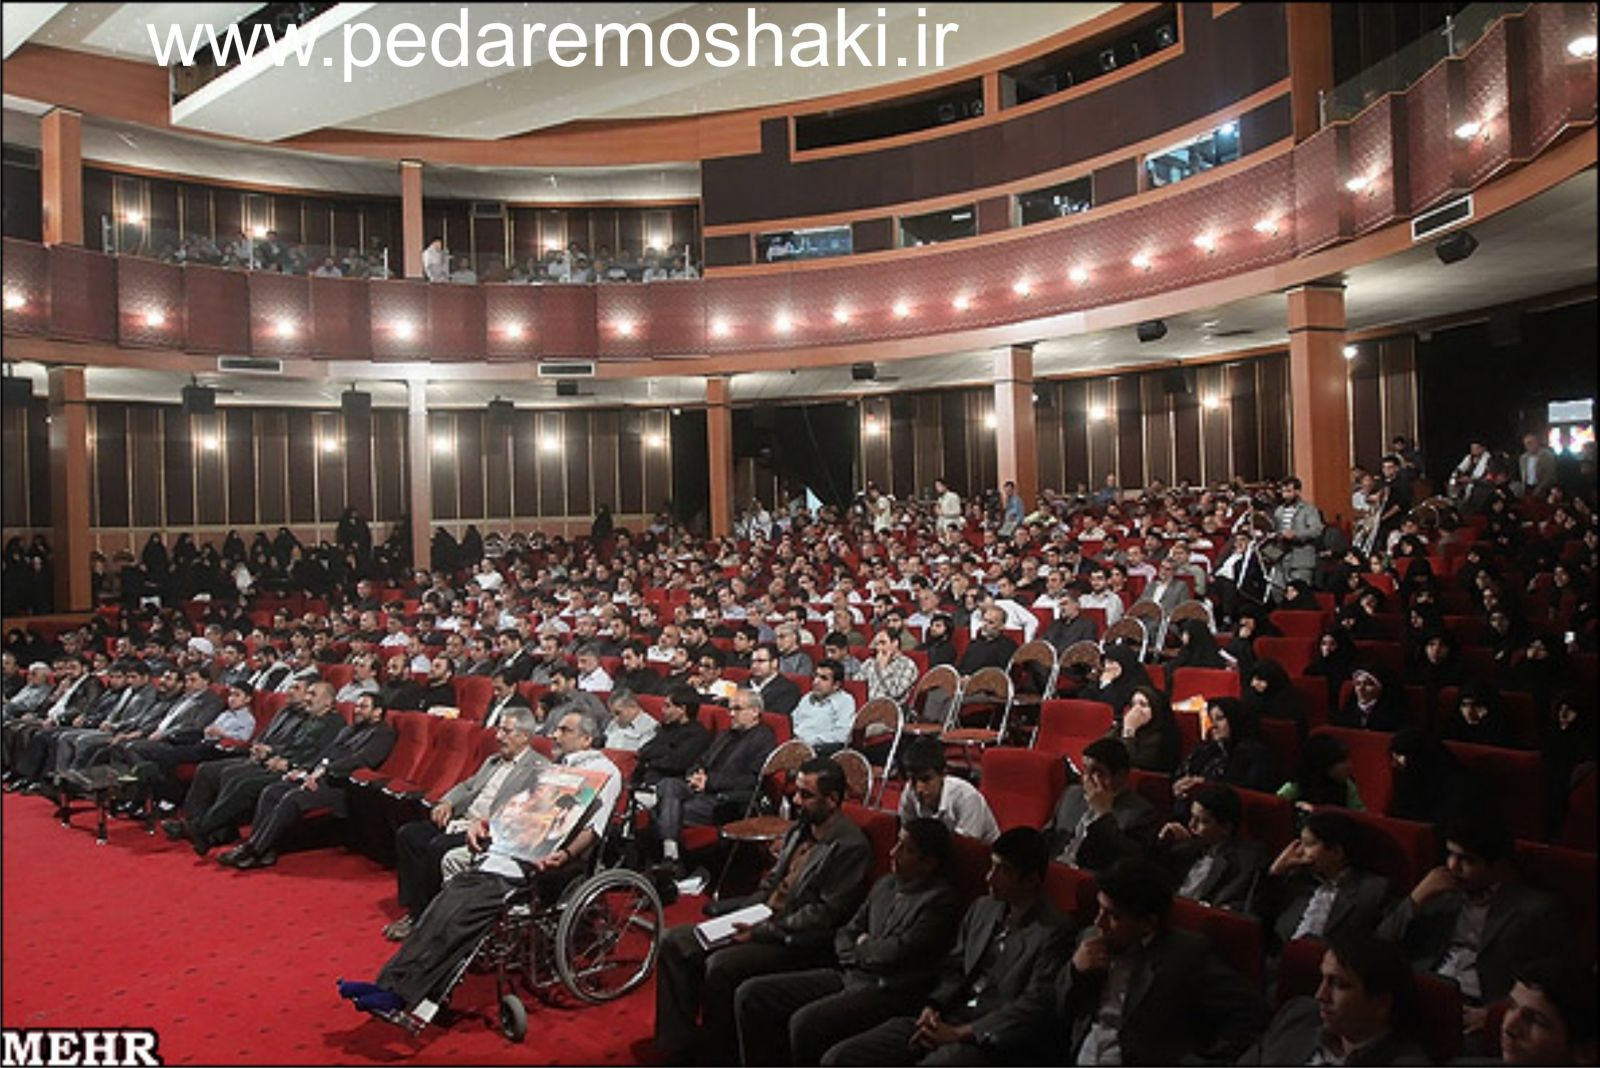 شهید حسن تهرانی مقدم